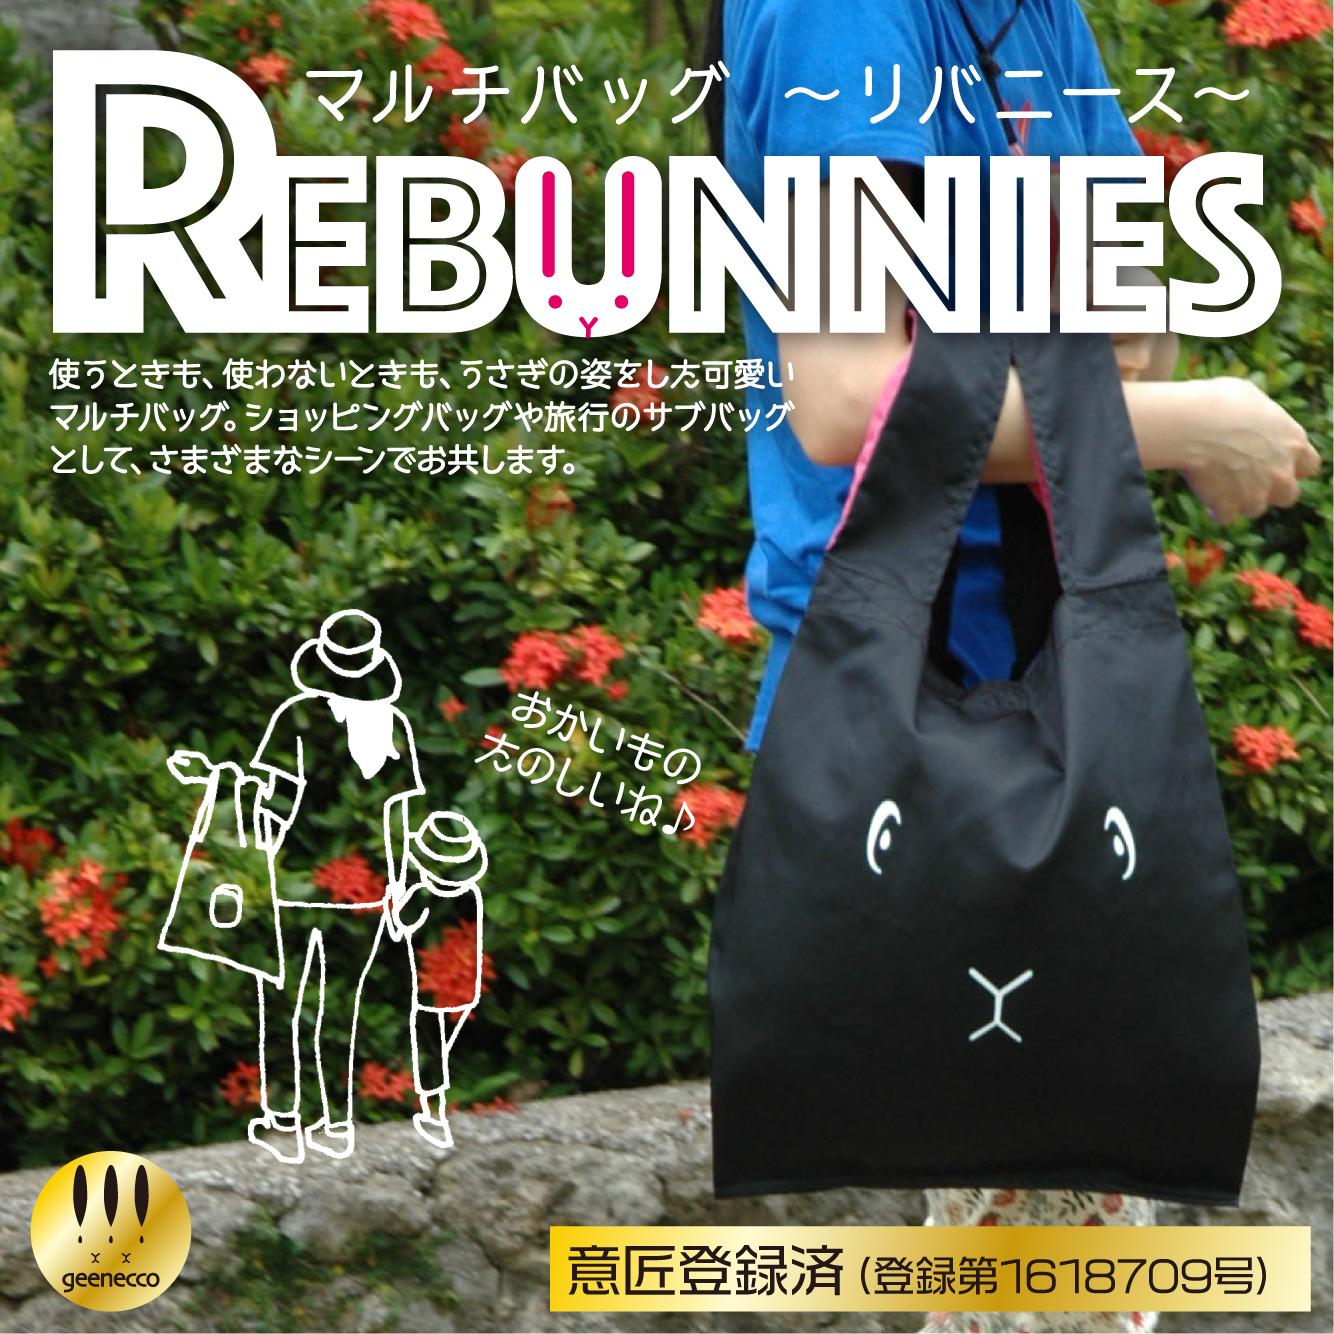 うさぎがウサギに変身するバッグ REBUNNIES(リバニース)